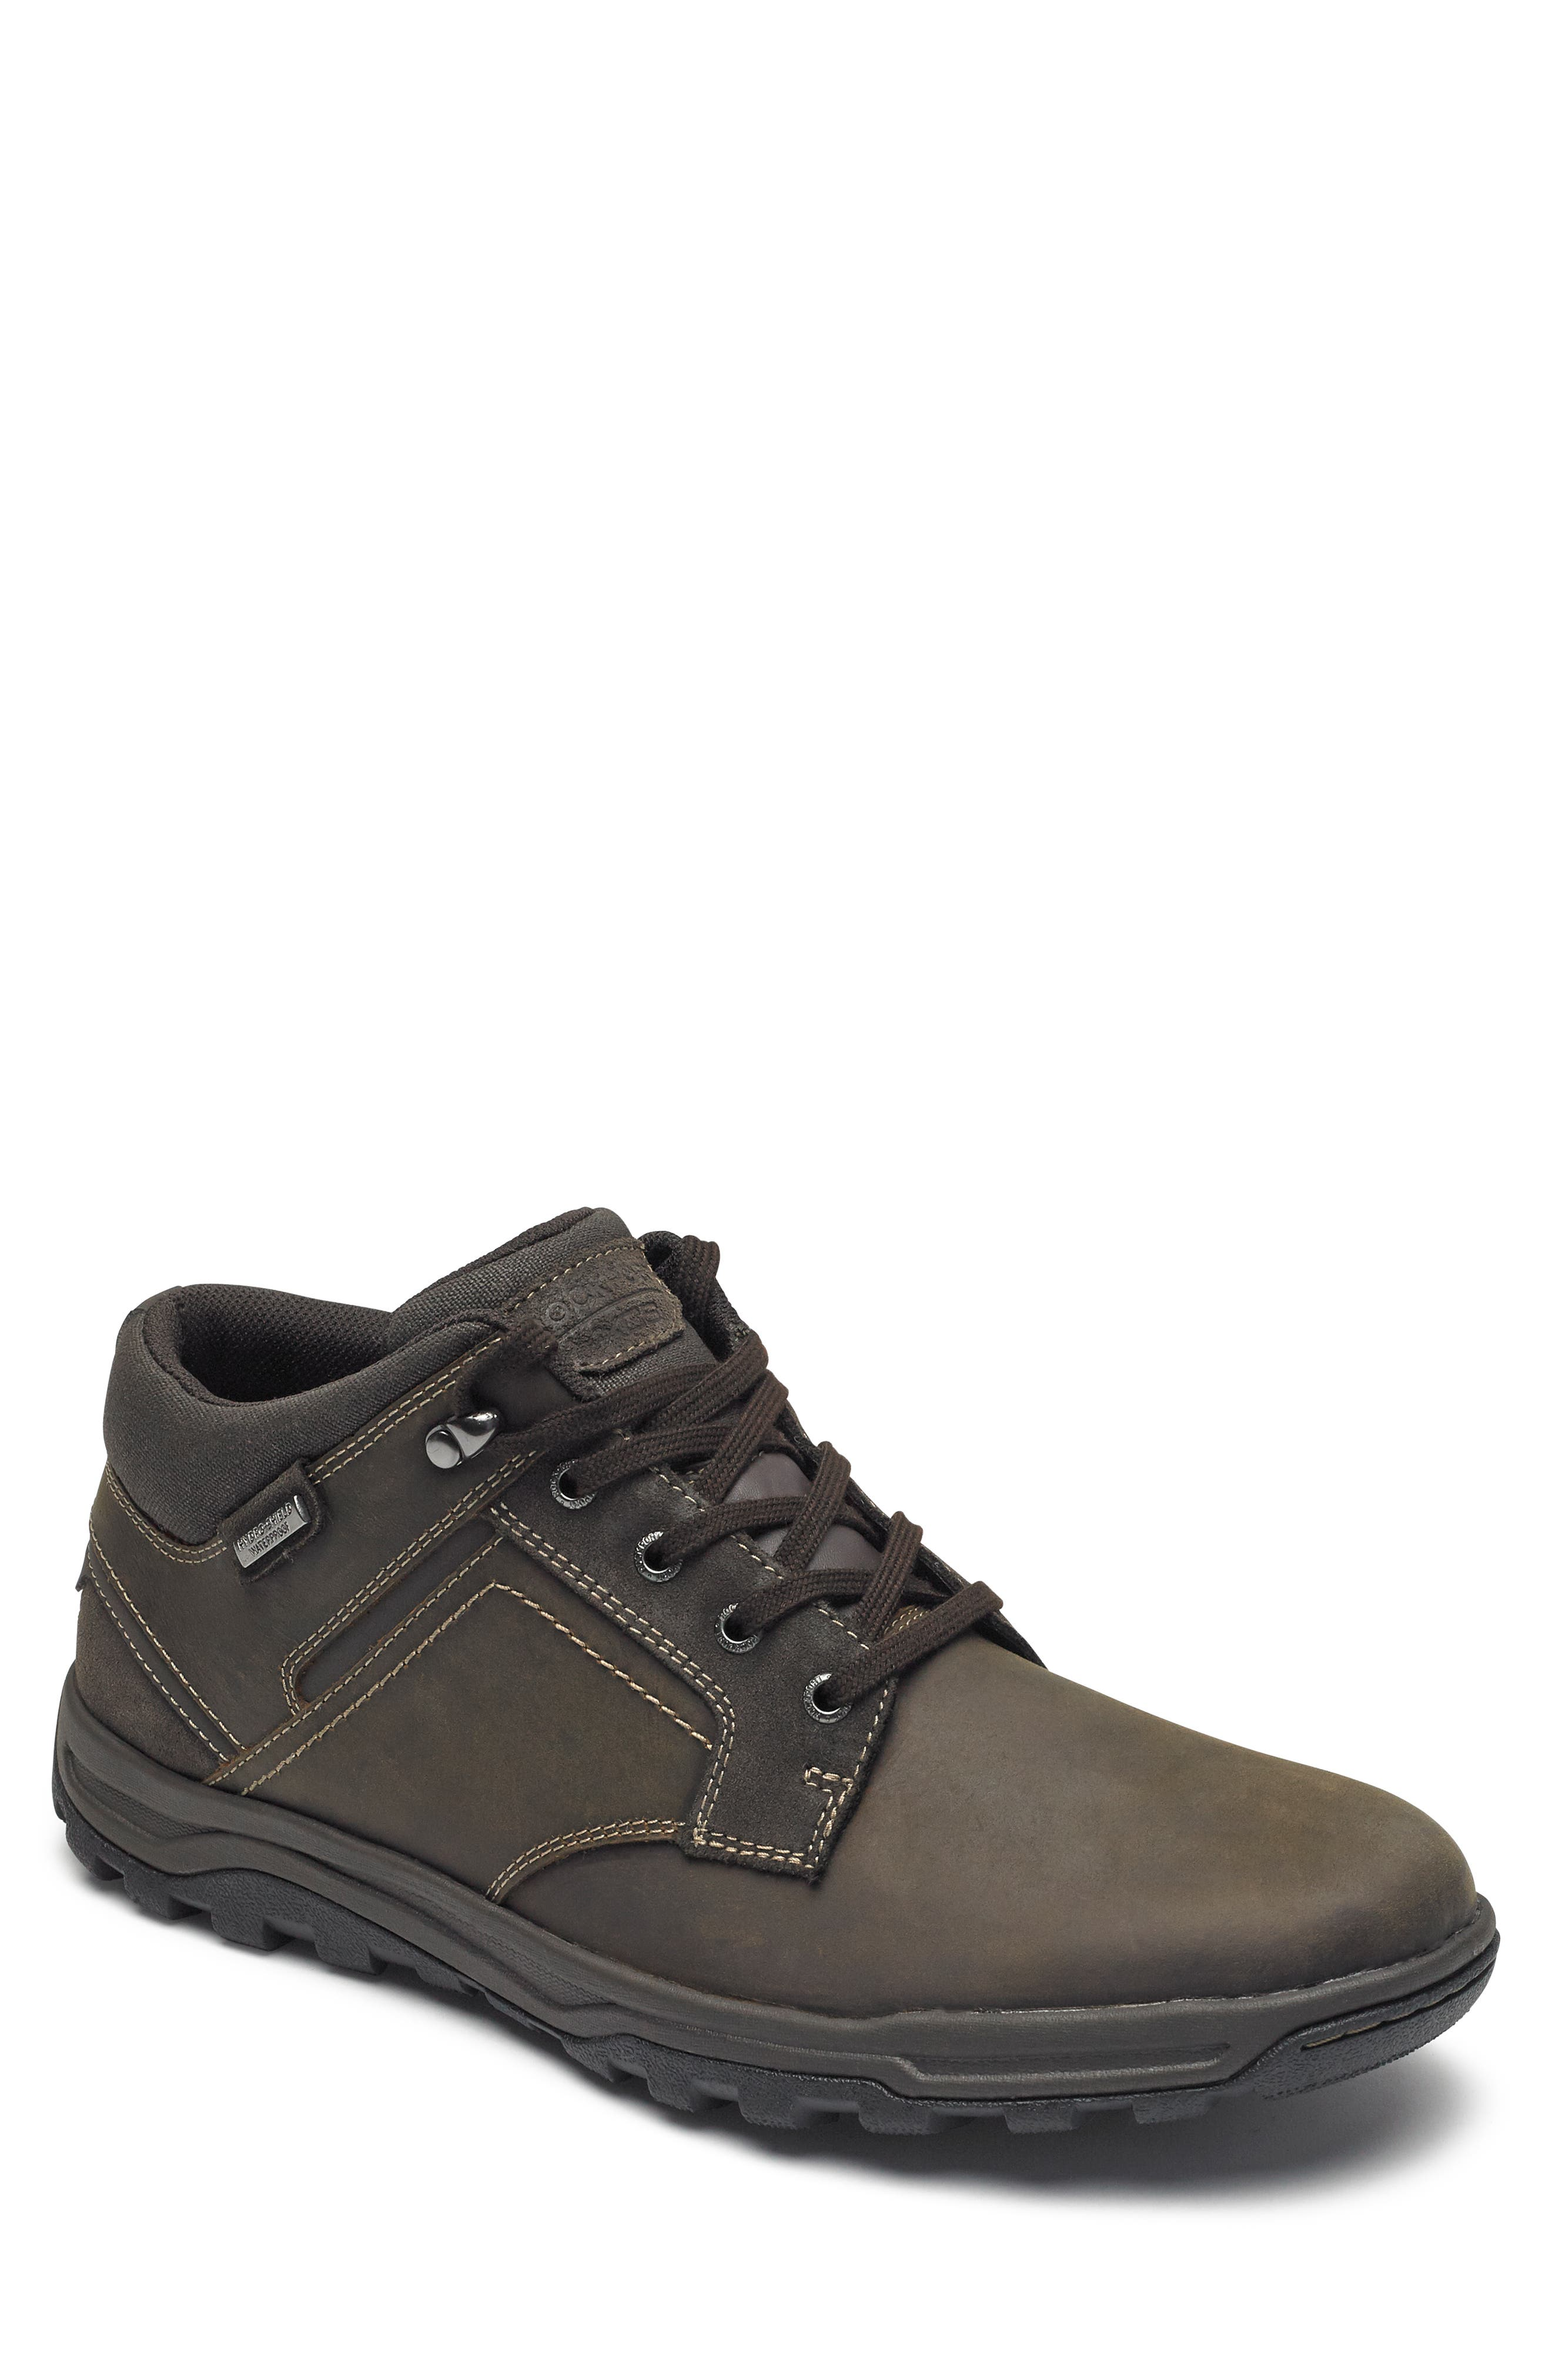 Rockport Harlee Waterproof Boot, Brown